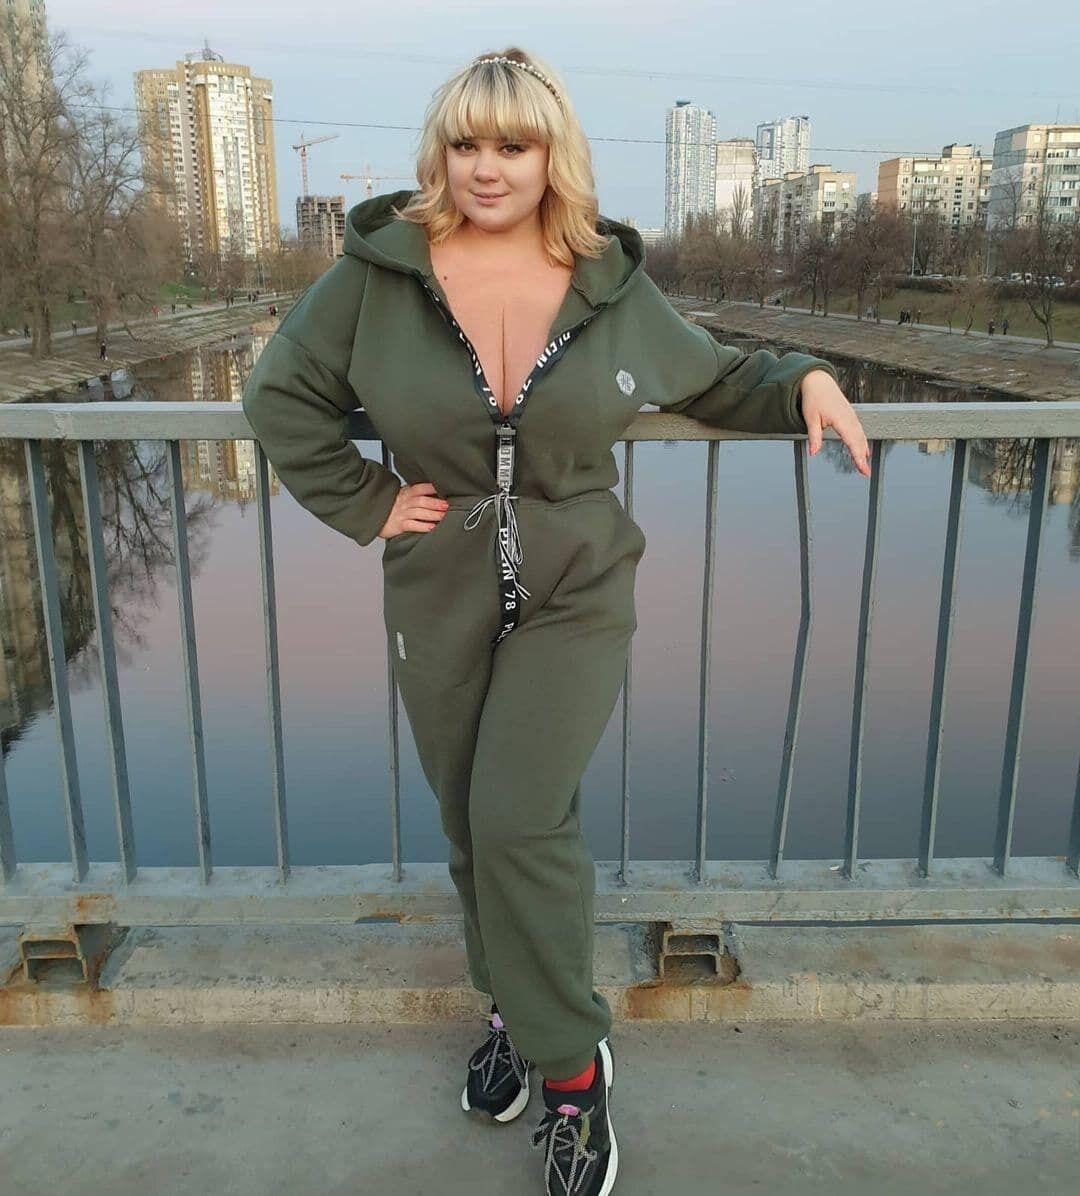 Міла Кузнєцова в спортивному костюмі.